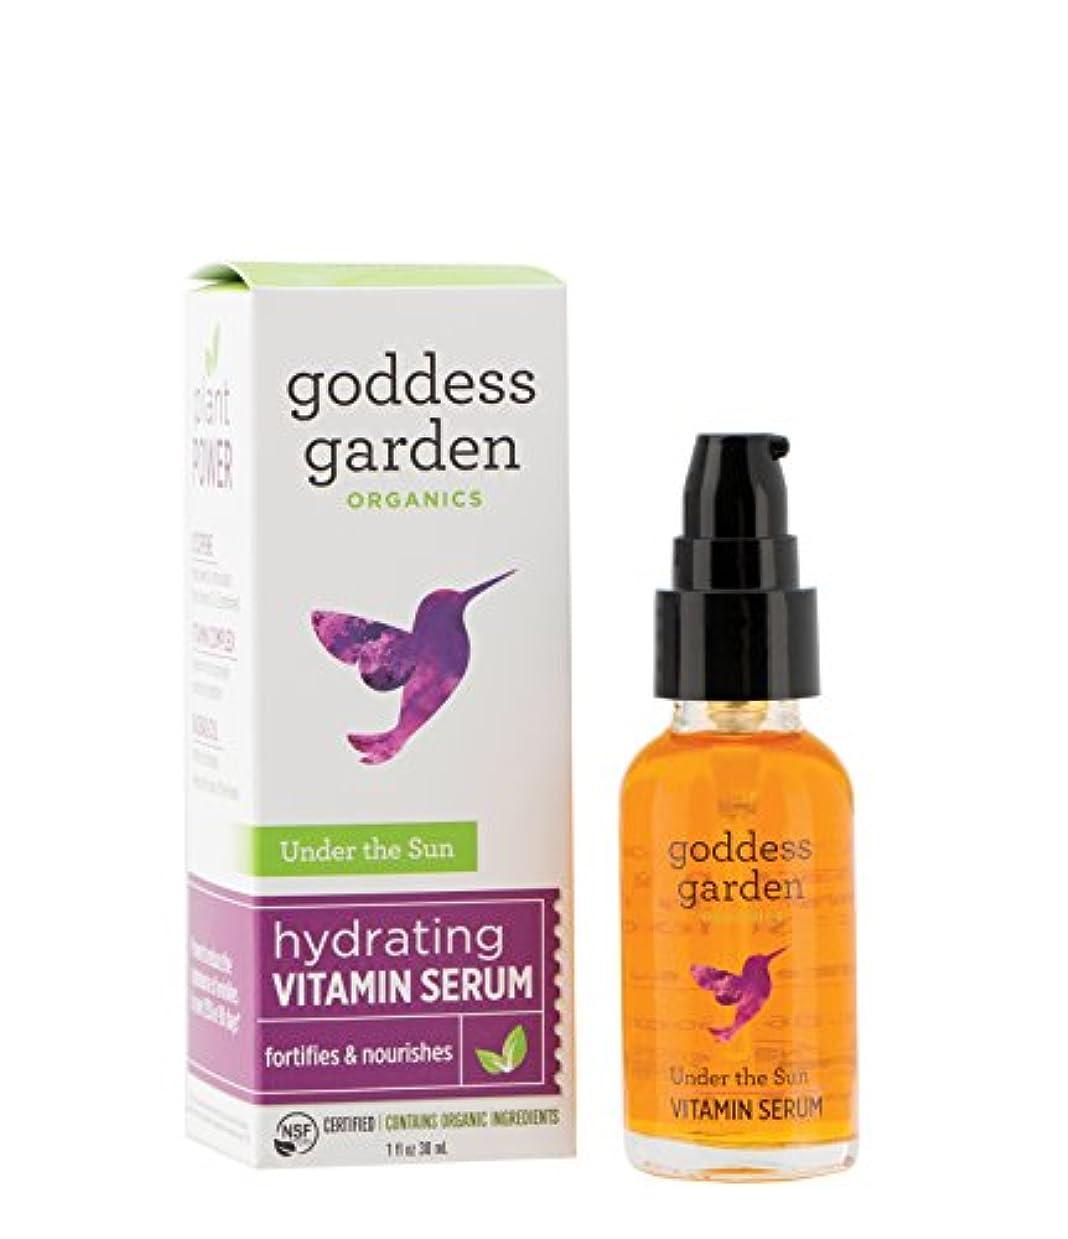 イライラする傾向本部Goddess Garden サンハイドレイティングビタミンセラム(1オンス。ボトル)オーガニック、完全菜食主義、リーピングバニー認定虐待フリー、パラベンフリー、敏感肌に優しく、公認B社の下ではオーガニック